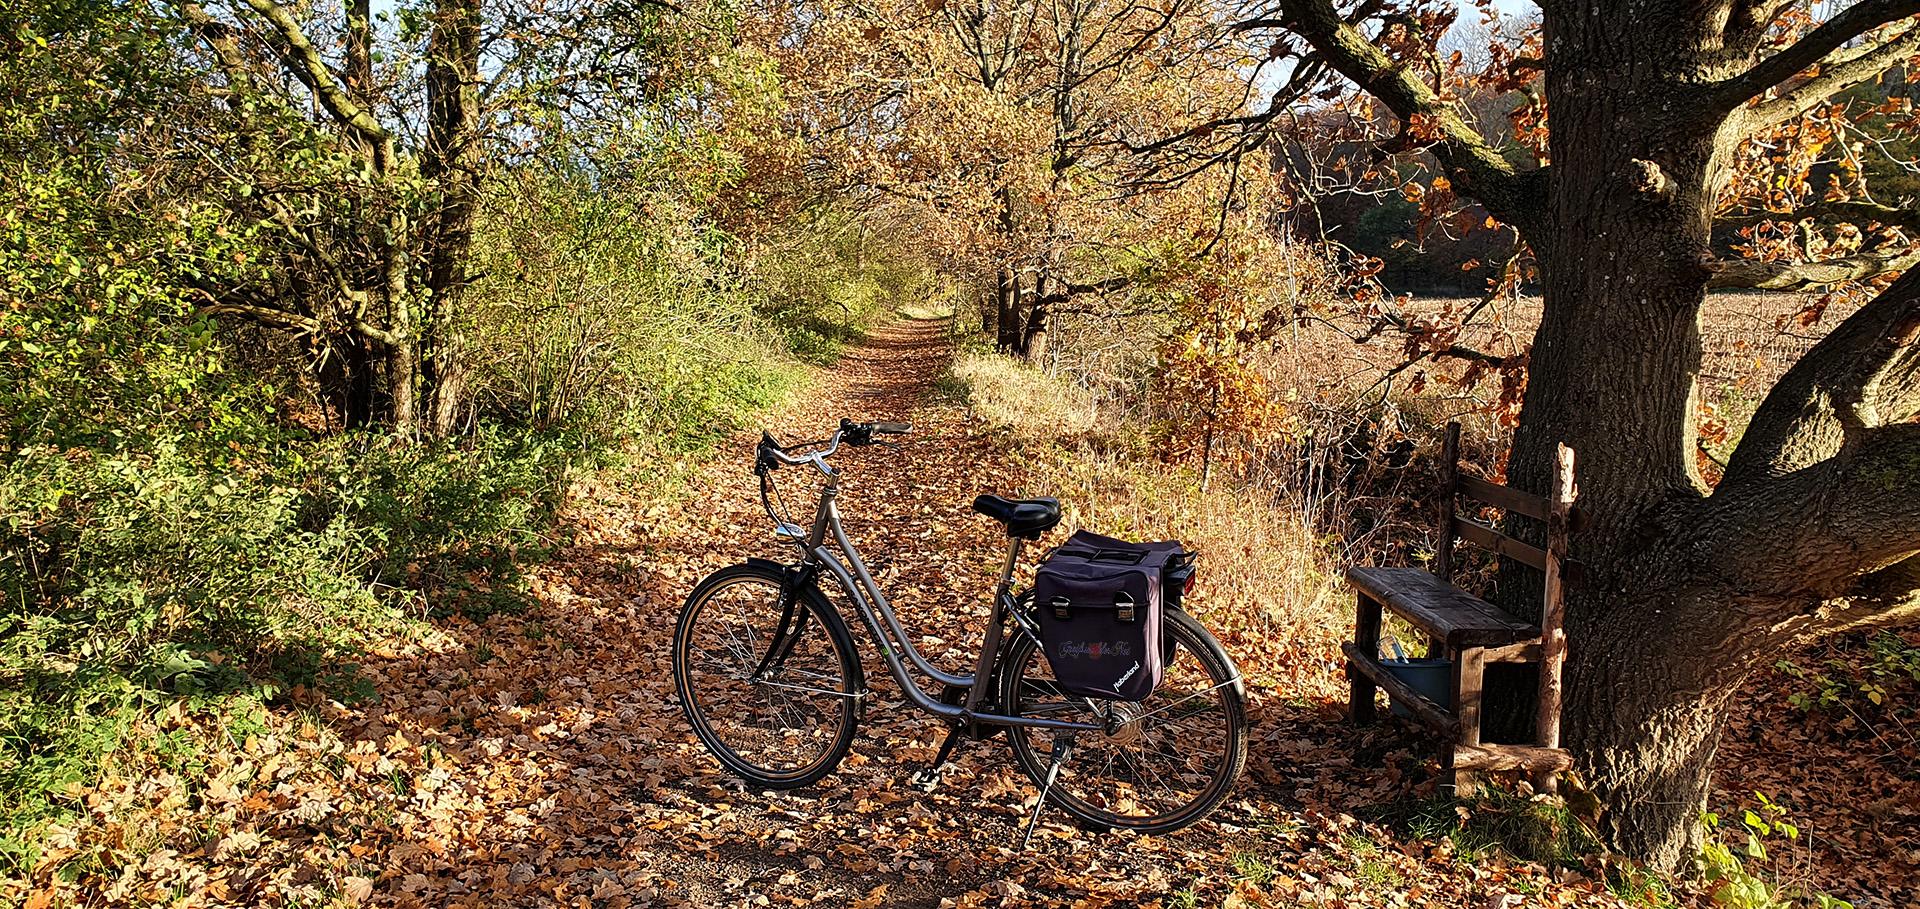 Fahrradtour im Herbst, Herrliches Novemberwetter, Greifswald